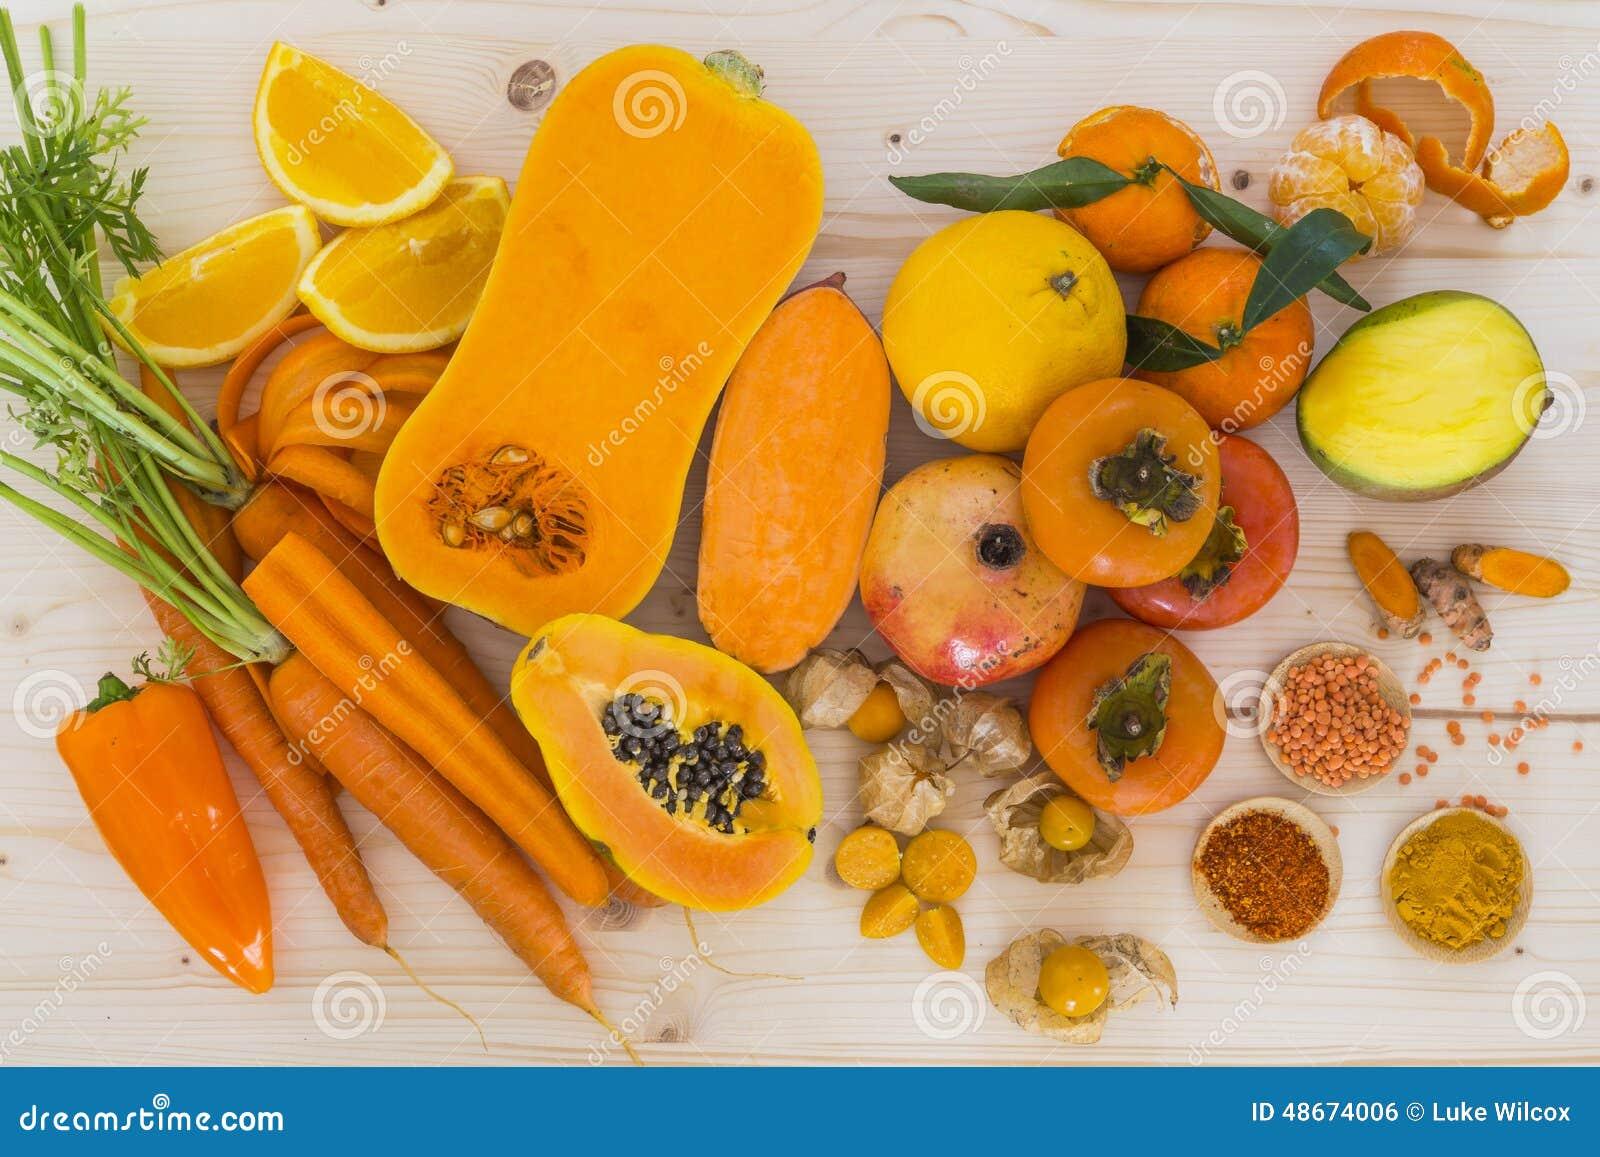 Orange Vegetables And Fruits Orange Vegetables And ...